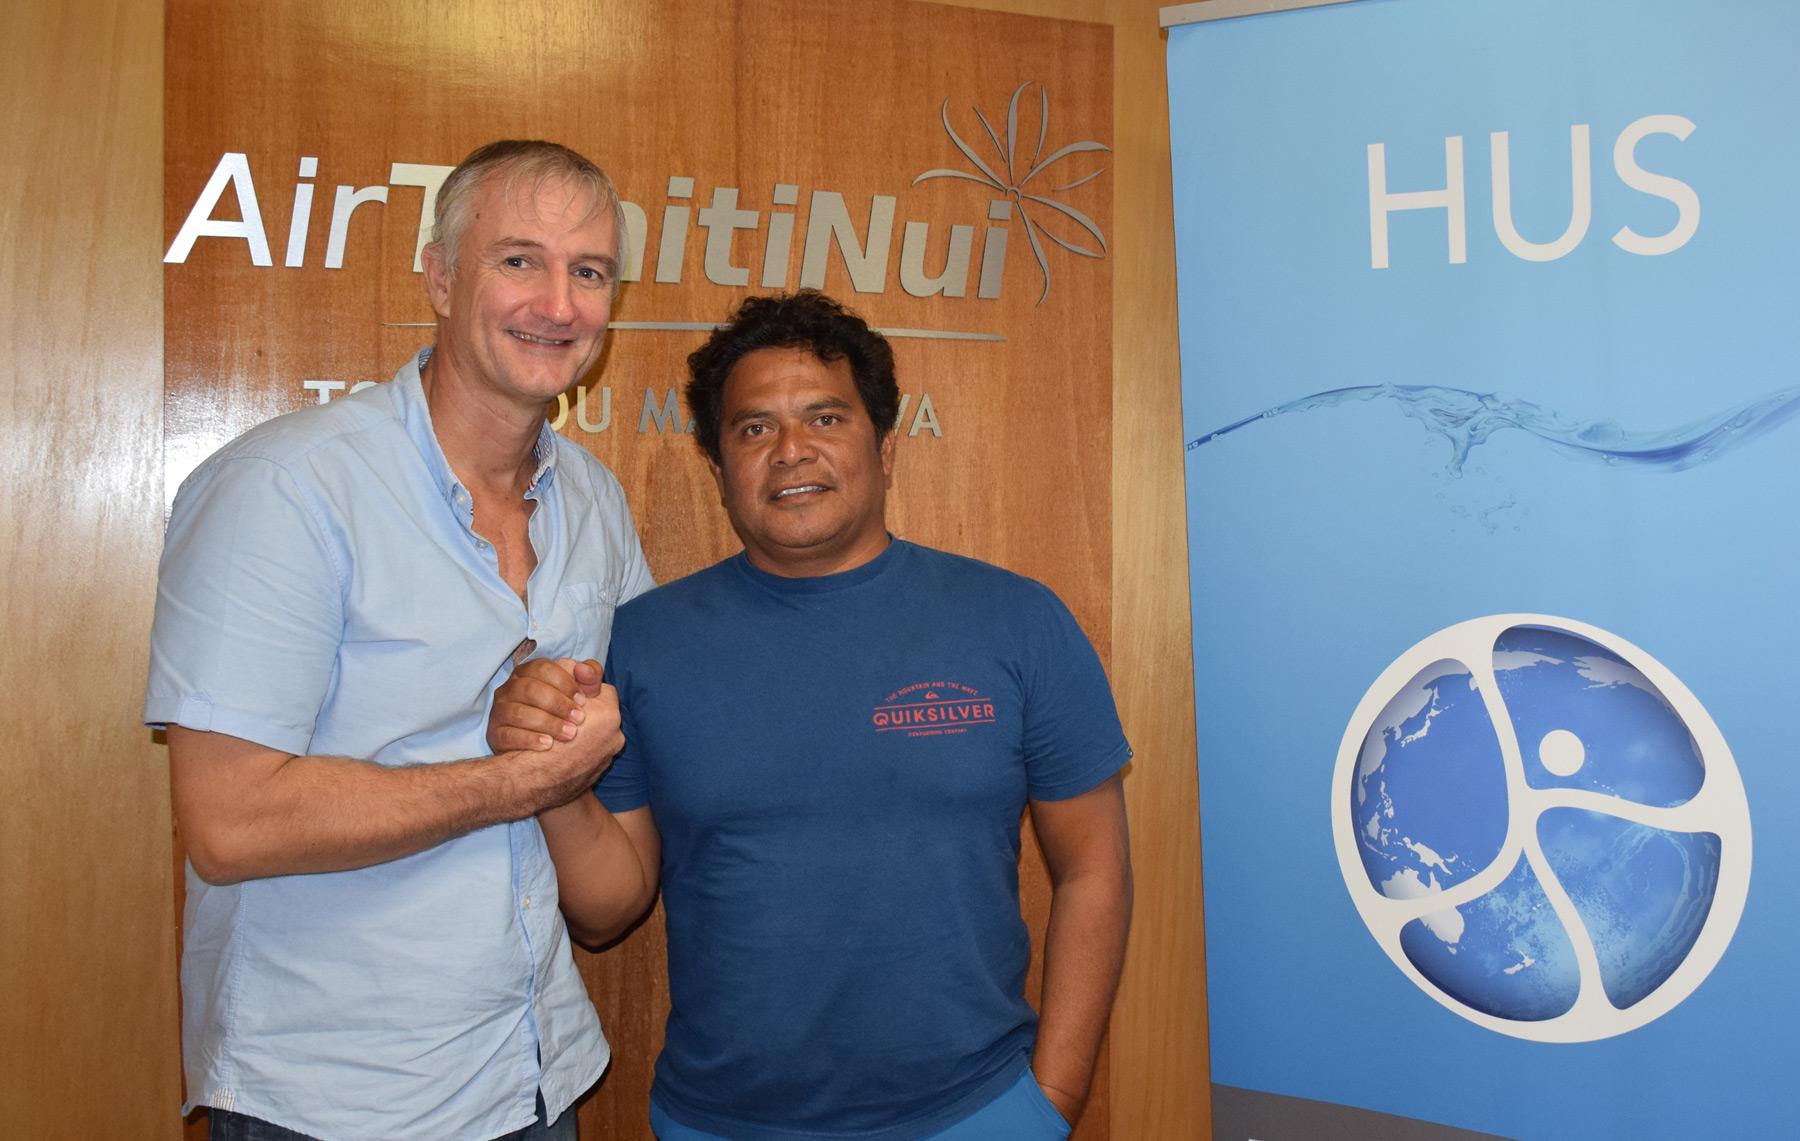 Le surf tahitien soutient la HUS l